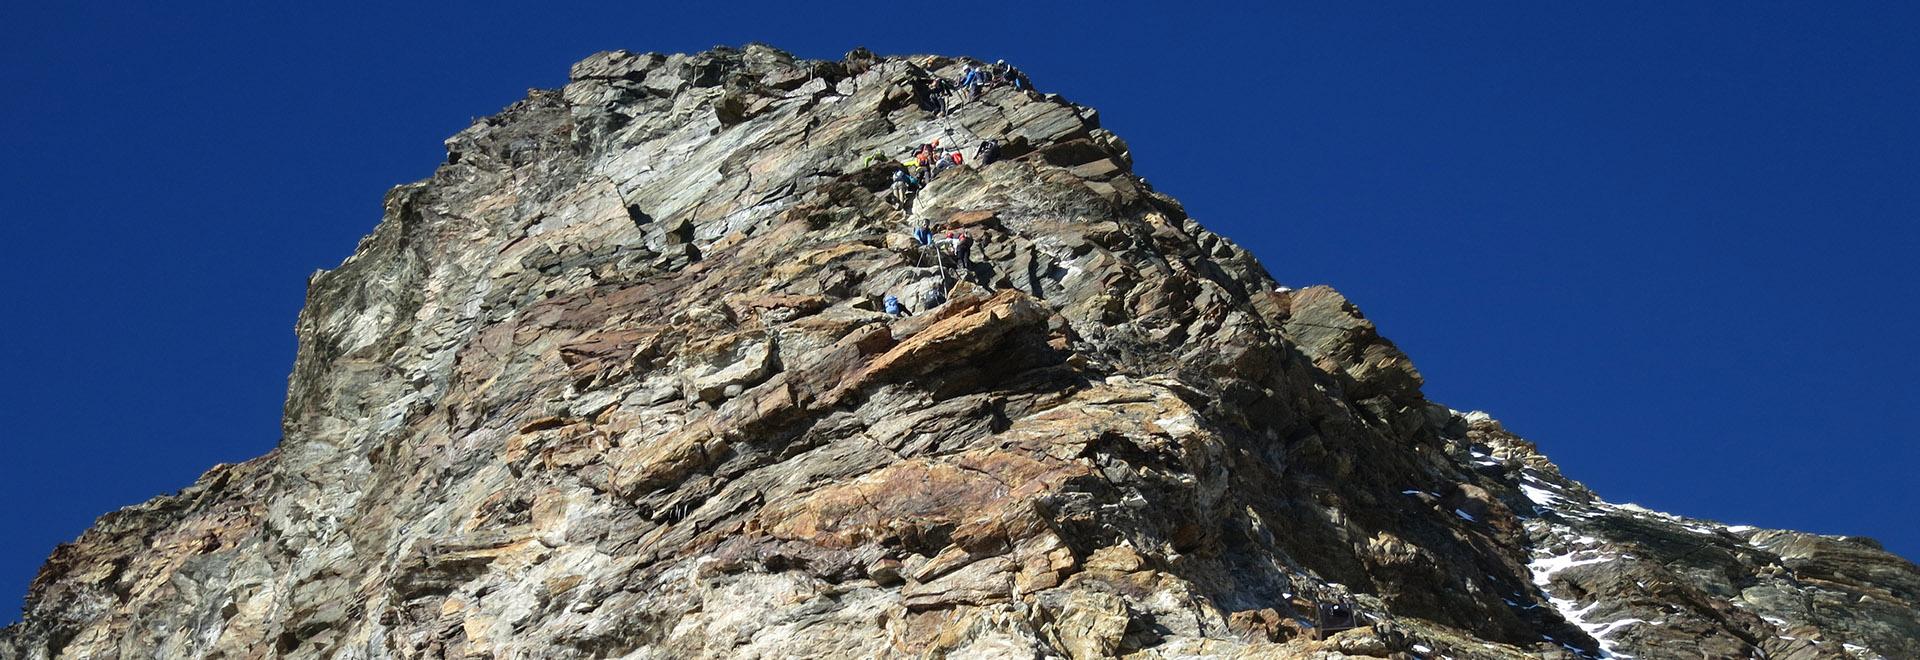 Matterhorn, Hörnli Ridge (CH)